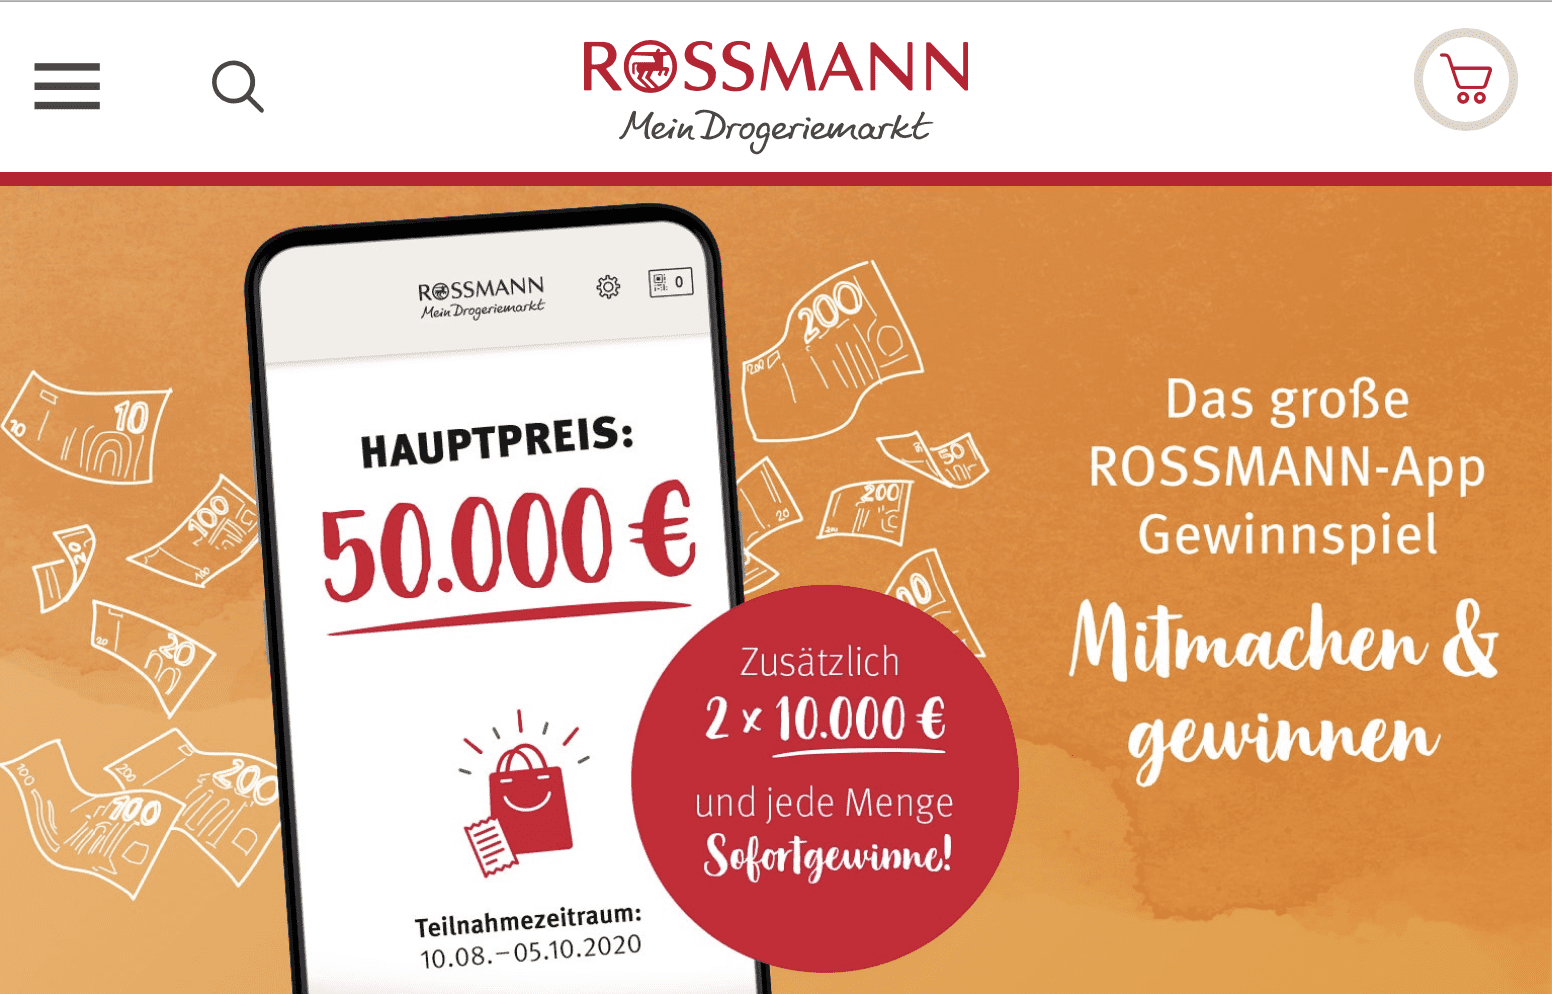 Die Gewinnspiel-Cases Drogeriemärkte Rossmann Hauptpreis 50.000 €